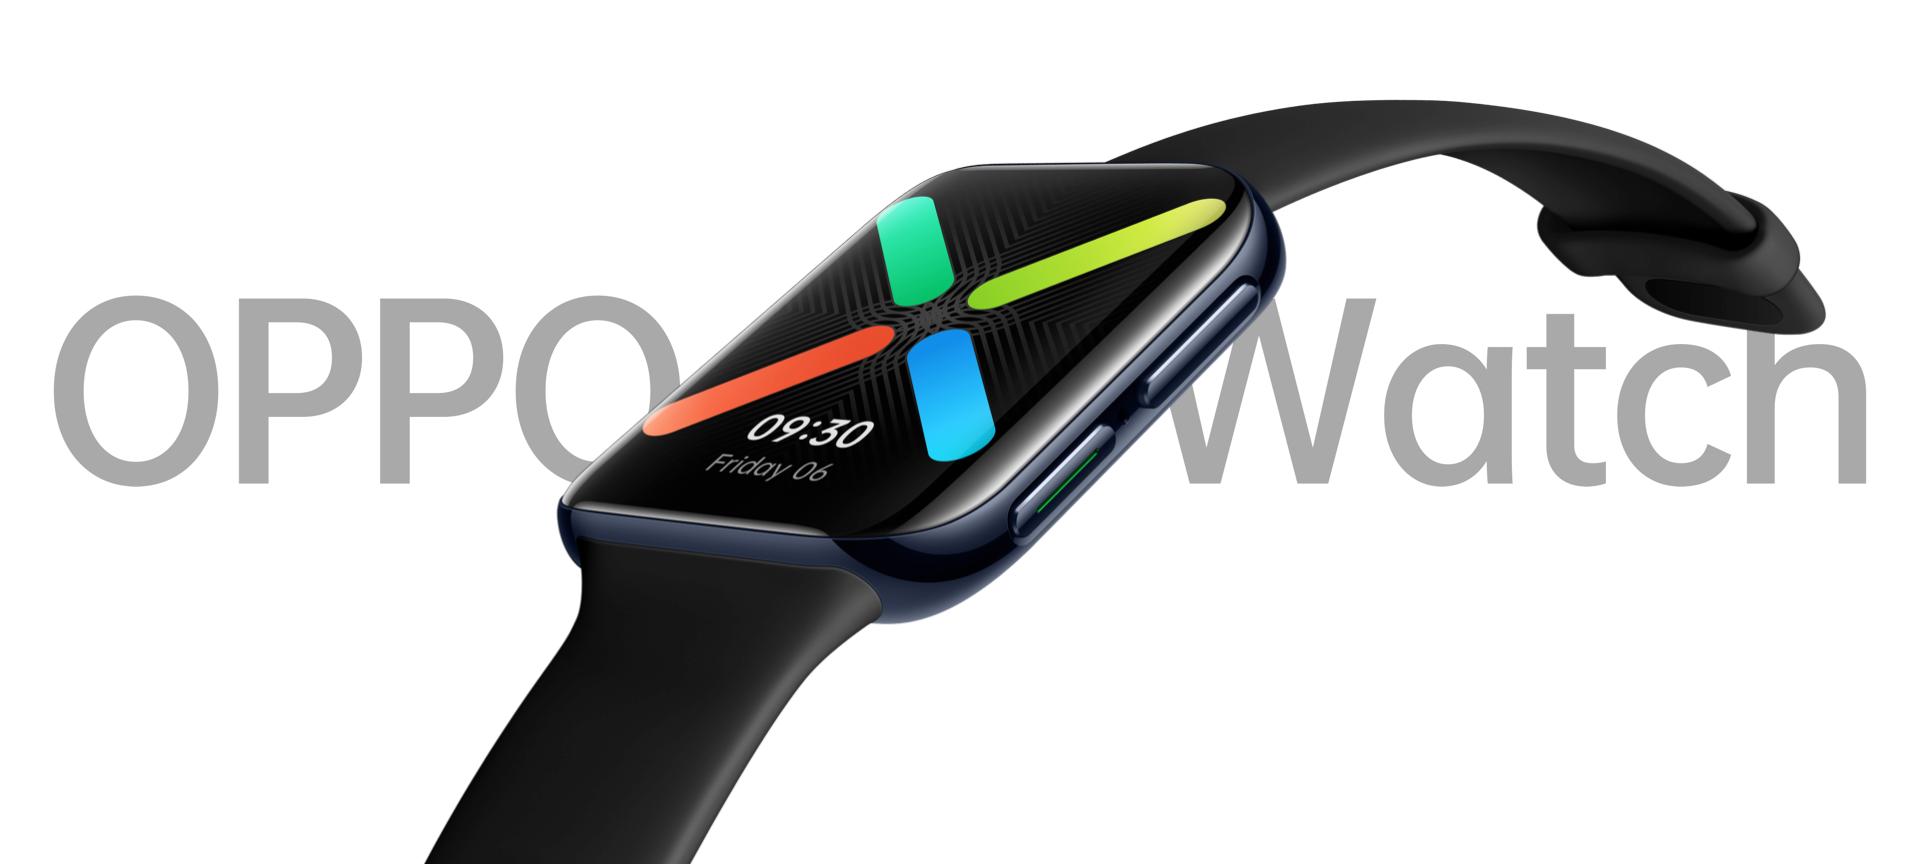 Глобальная версия OPPO Watch: два размера, чип Snapdragon Wear 3100, NFC, автономность до 21 дня, Wear OS и ценник от $200